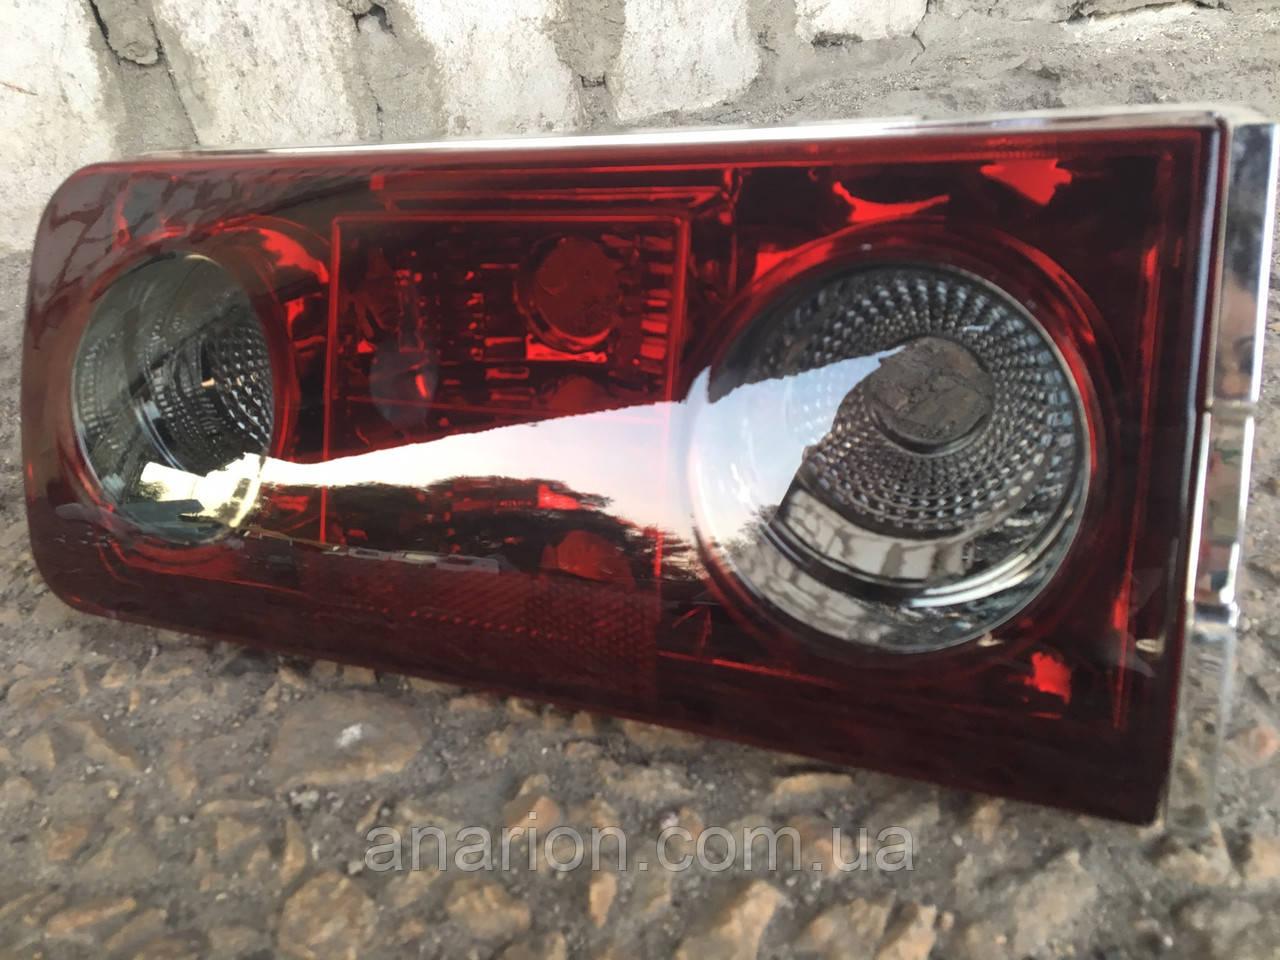 Задние фонари на ВАЗ 2106 Red 3.